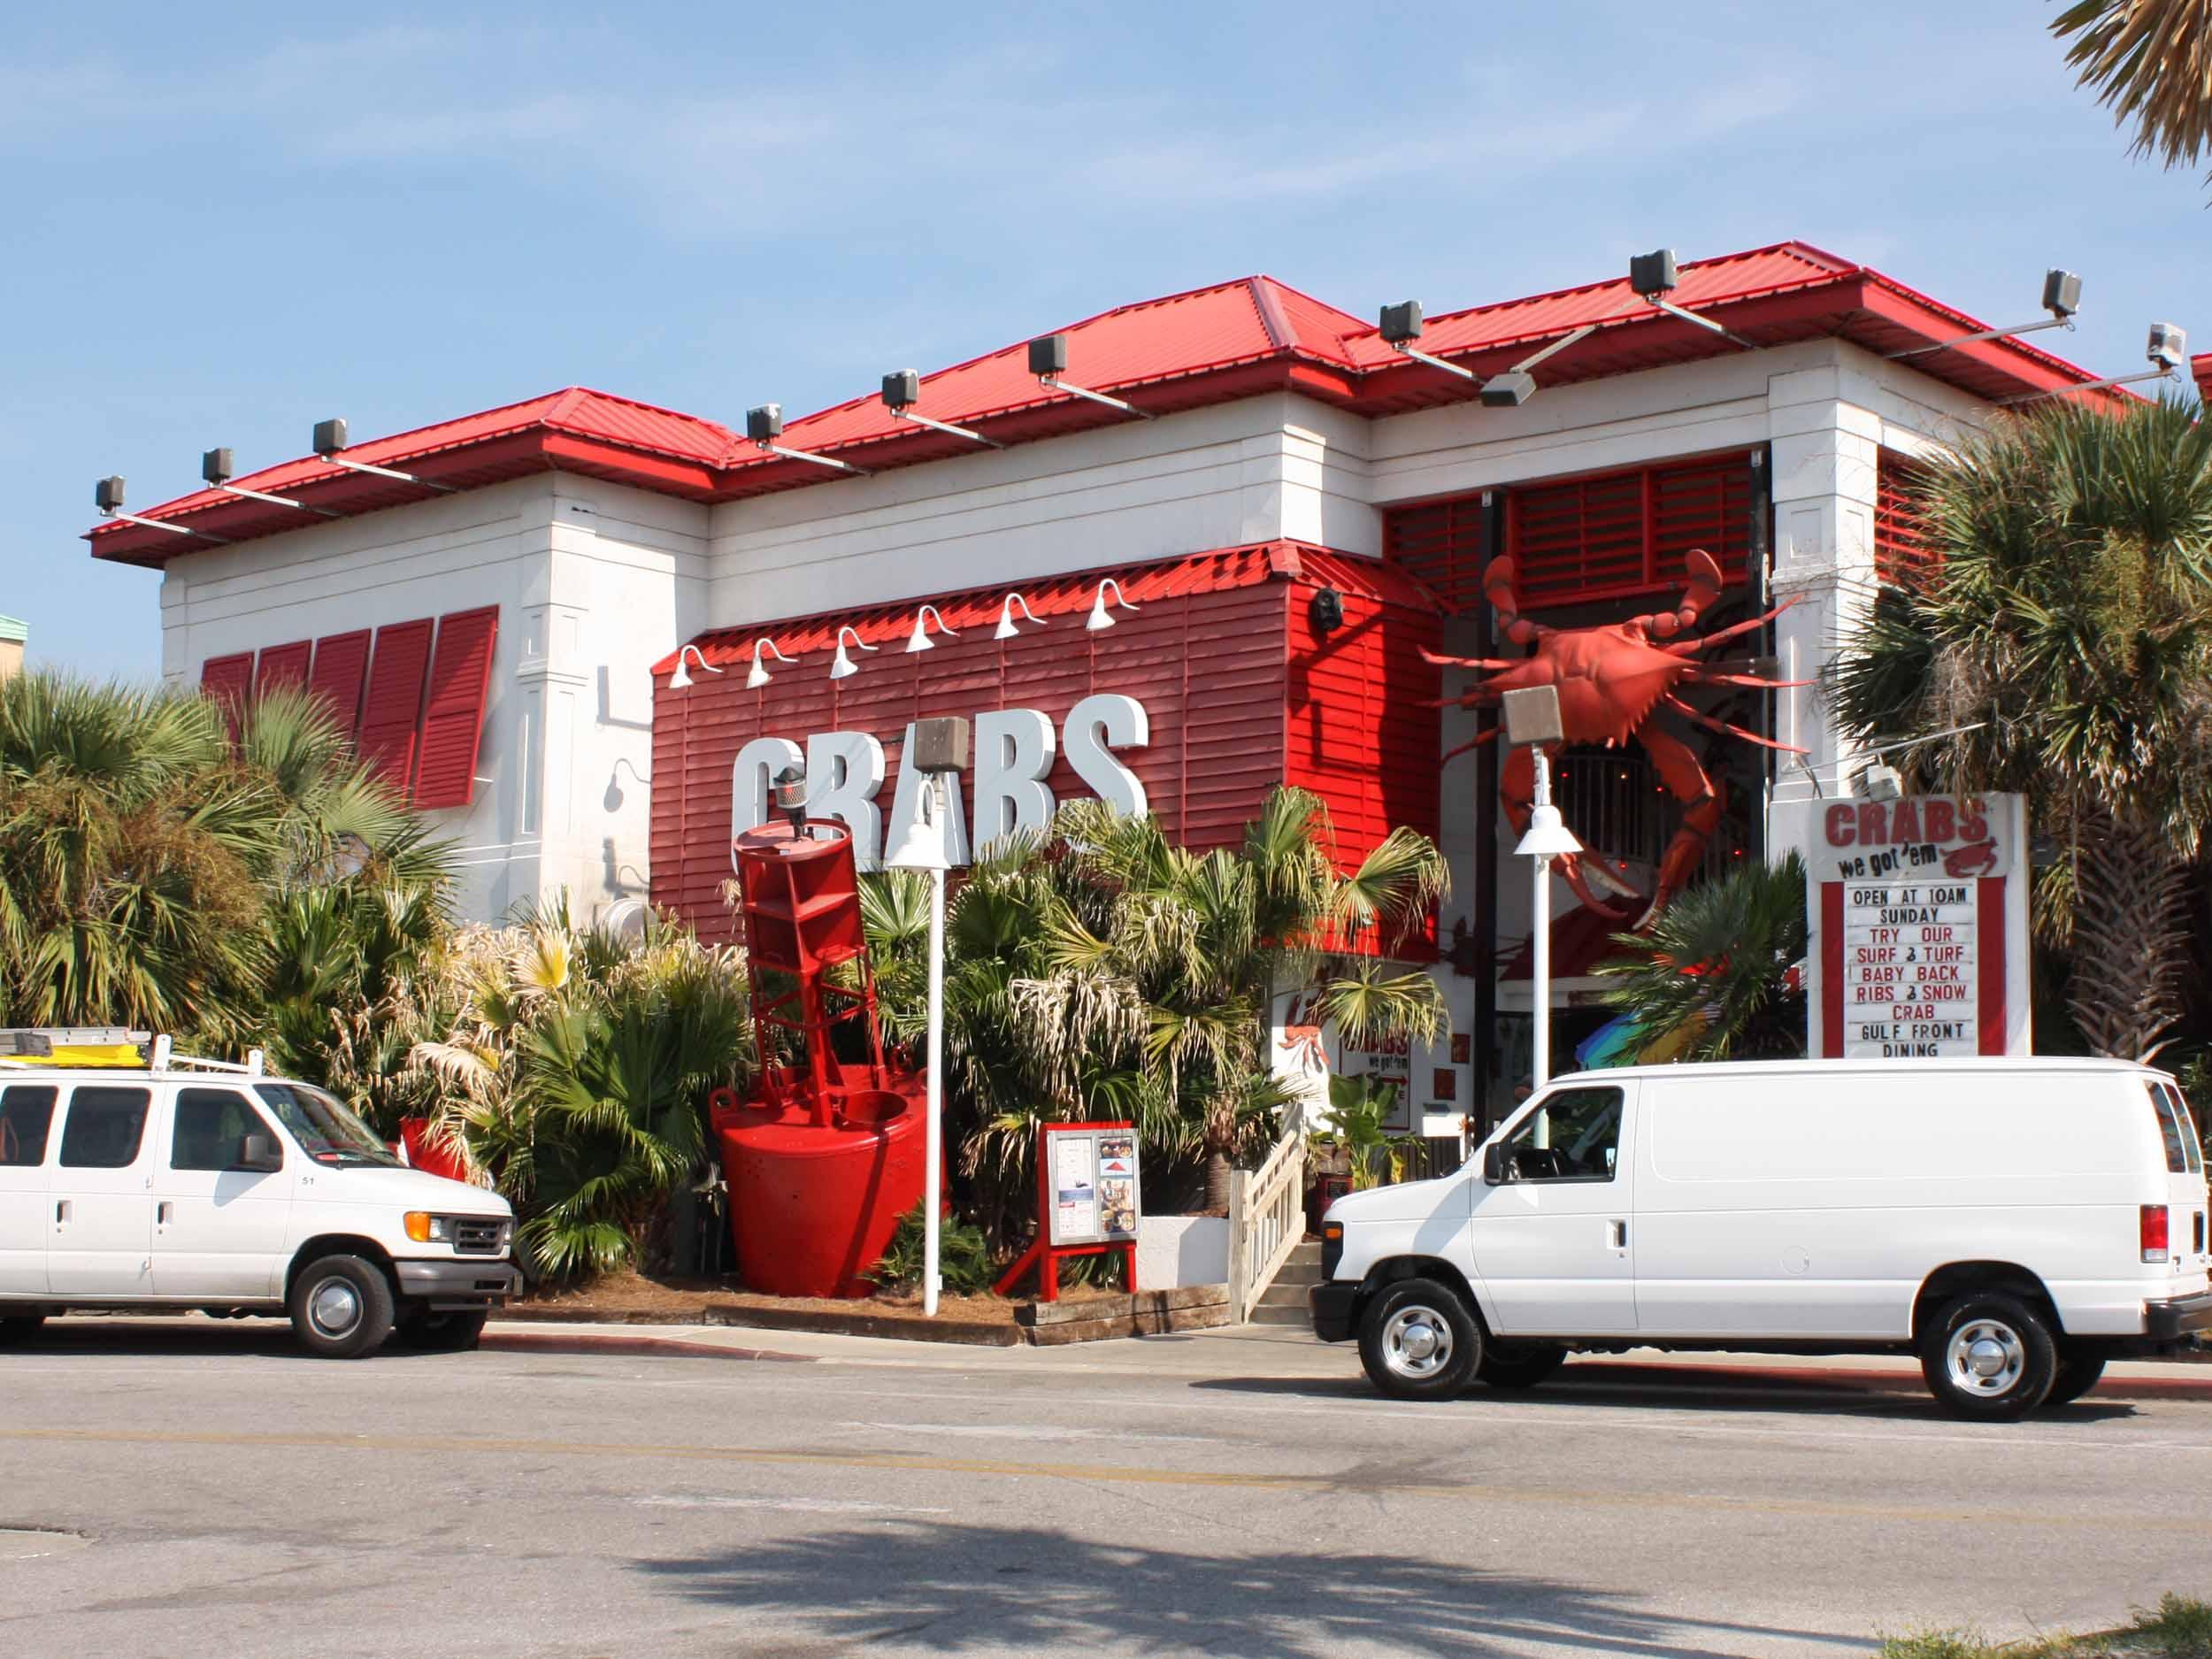 Crabs We Got 'Em Entrance